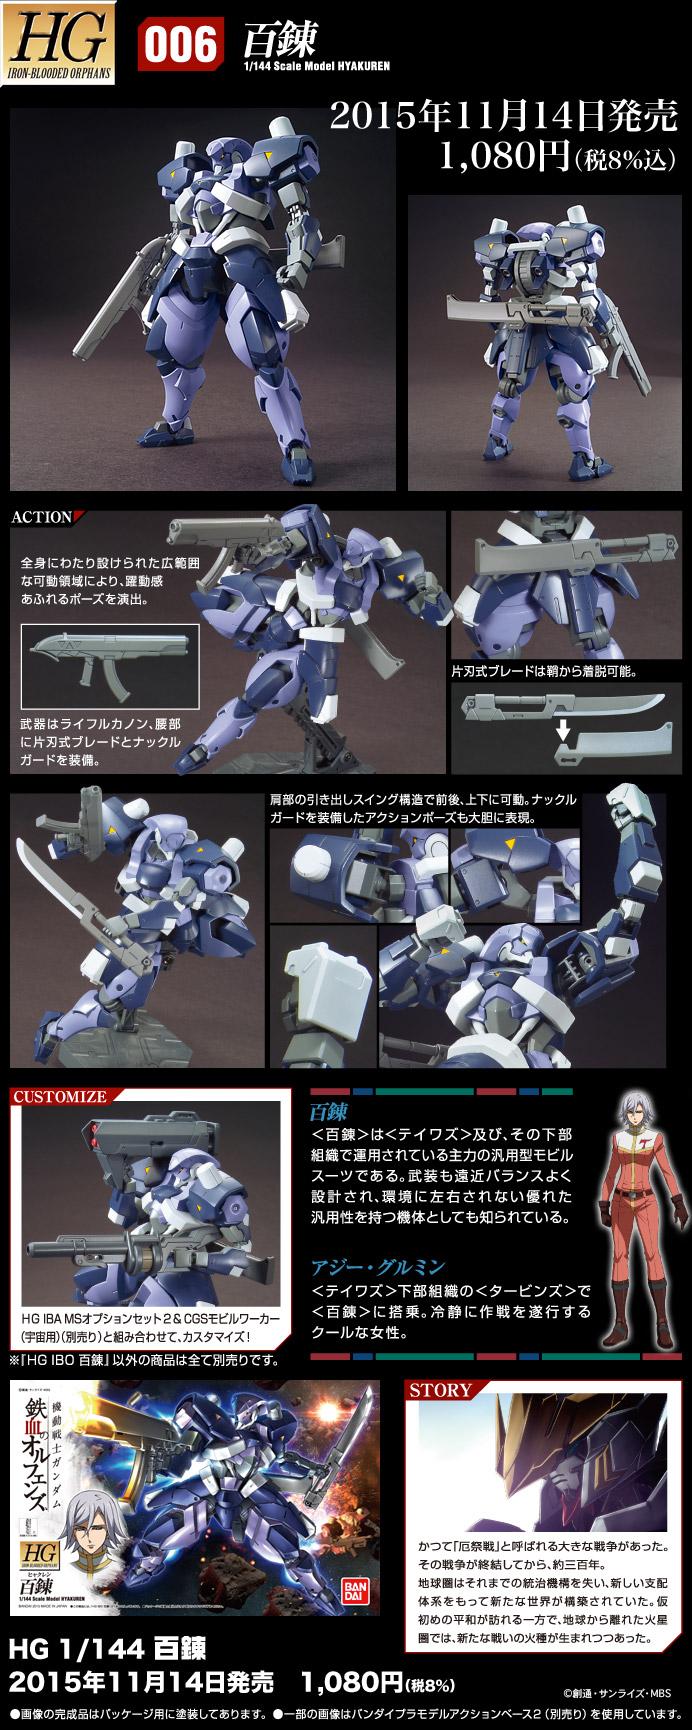 HG 1/144 STH-05 百錬 [Hyakuren] 公式商品説明(画像)